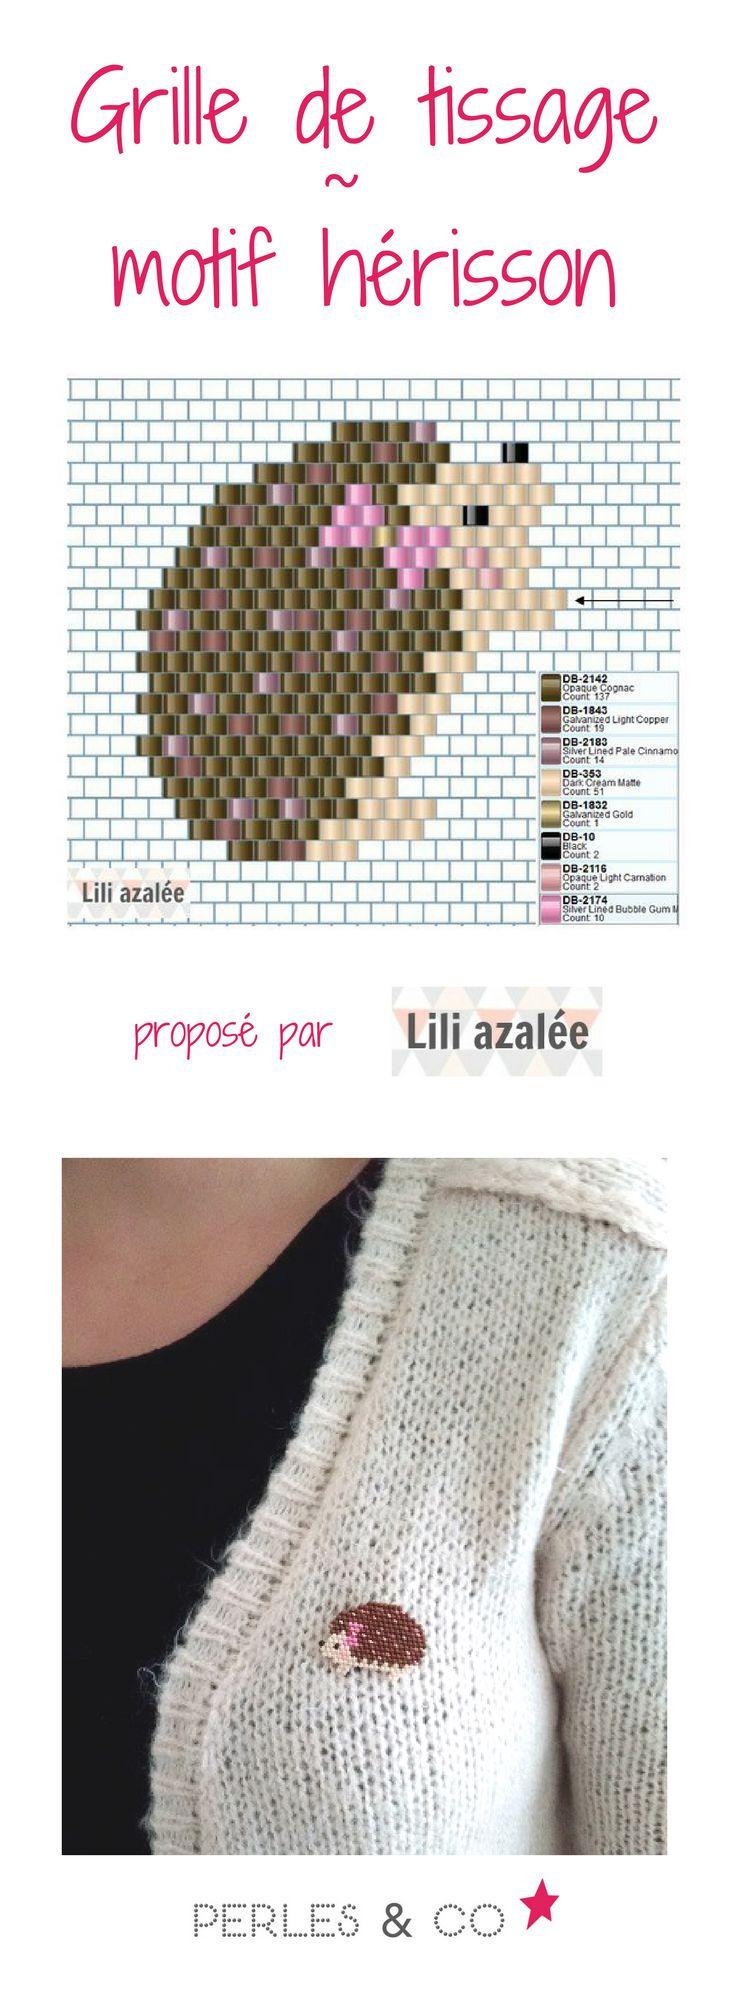 Aurélie du blog LiliAzalée nous propose deux tissages en perles Miyuki : deux petits hérissons, Eglantine la grande soeur et Sidonie la petite soeur. Deux motifs parfaits pour customiser vos pulls préférés ! Retrouvez le tutoriel sur Perles & Co